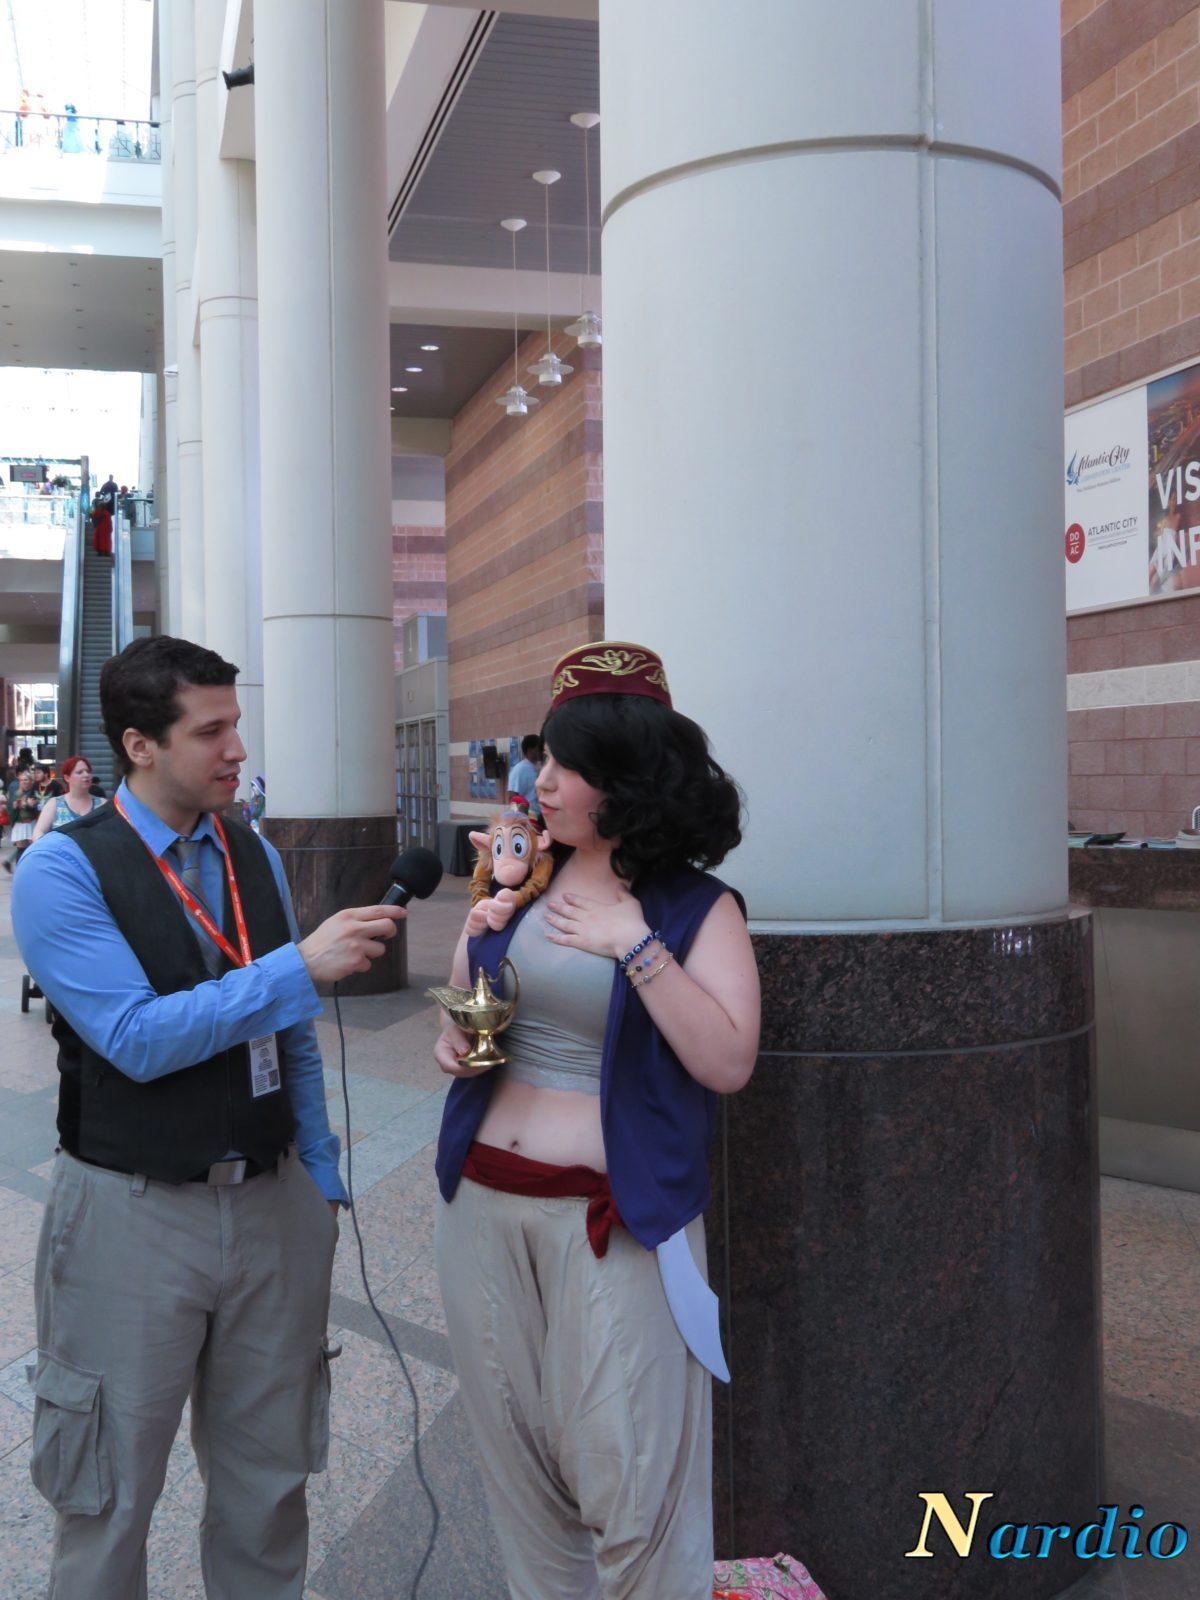 Aladdin and Genie AnimeNext Cosplay With Bernardo 3